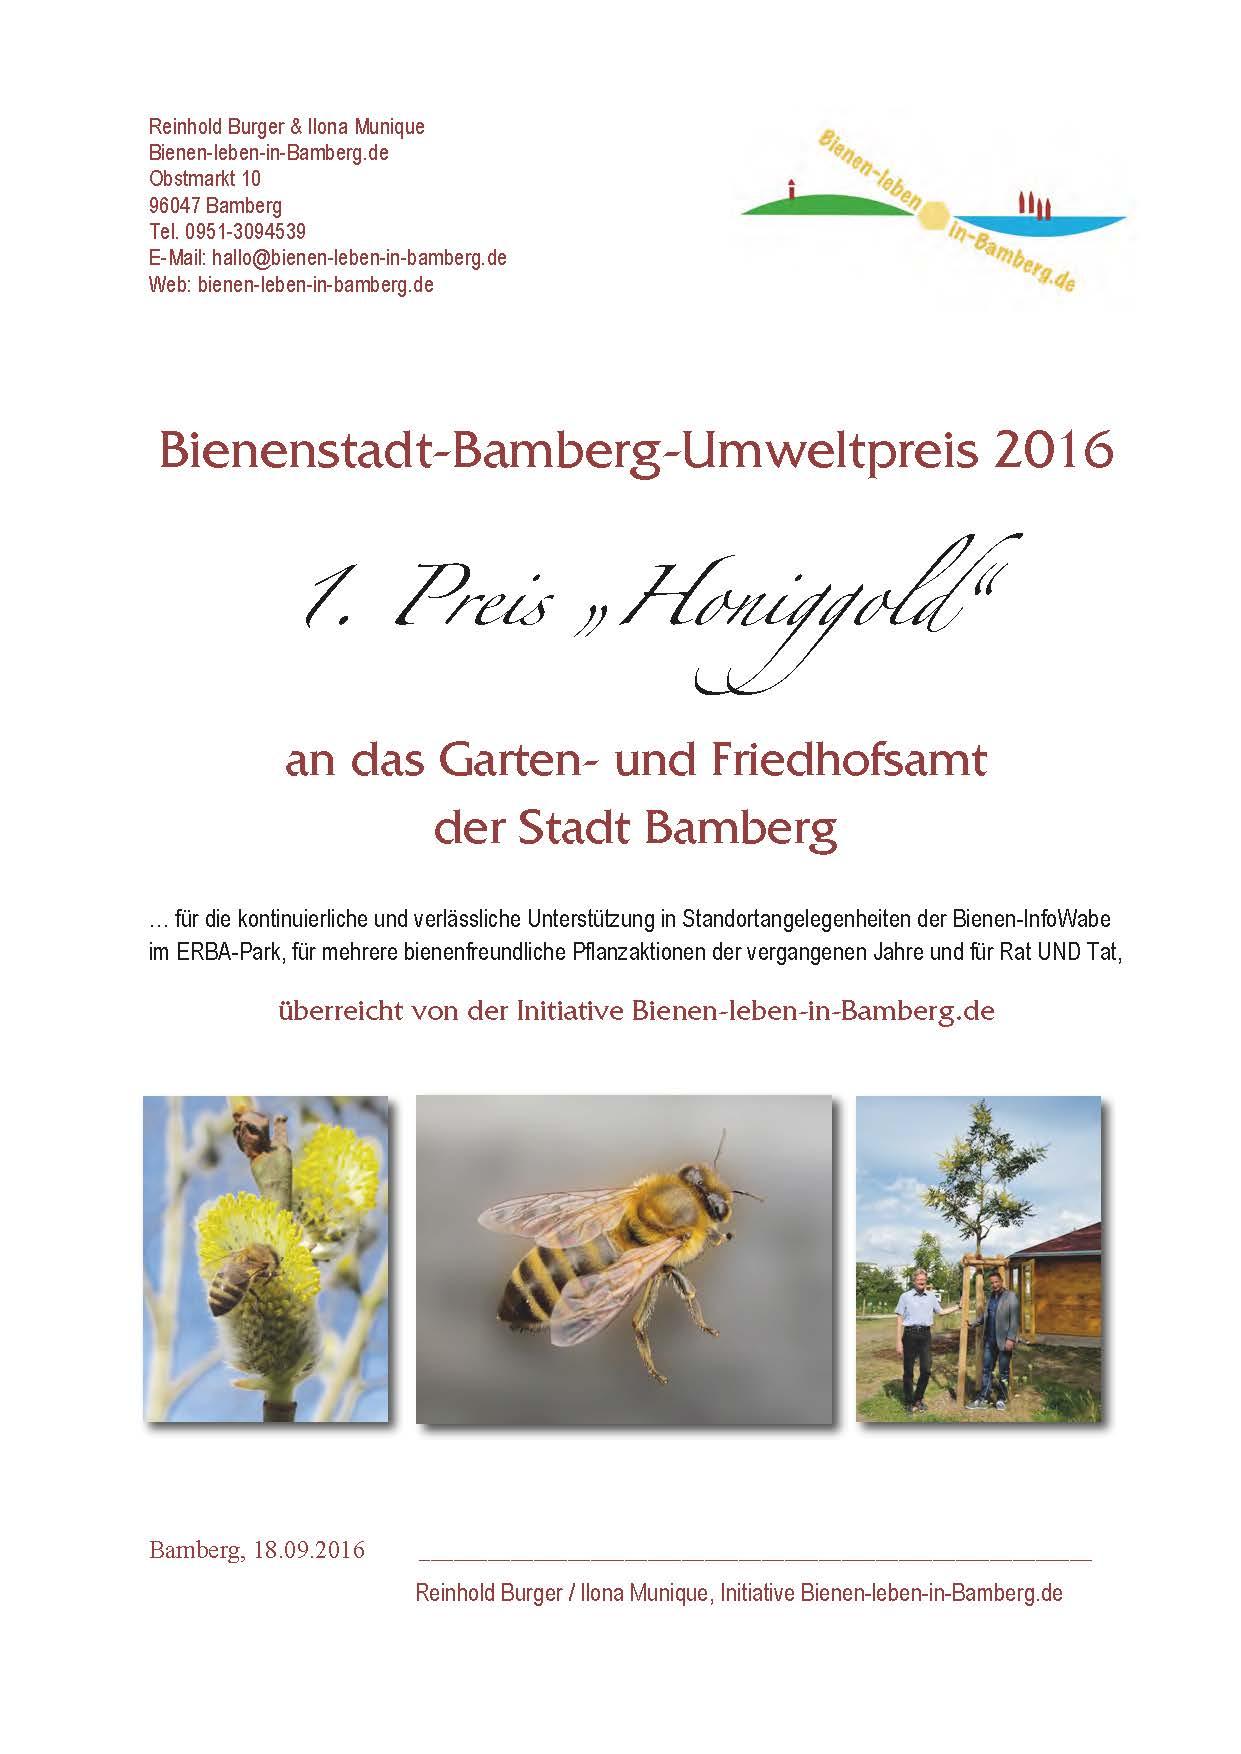 1. Preis Bienenstadt-Bamberg-Umweltpreis 2016 von Bienen-leben-in-Bamberg.de